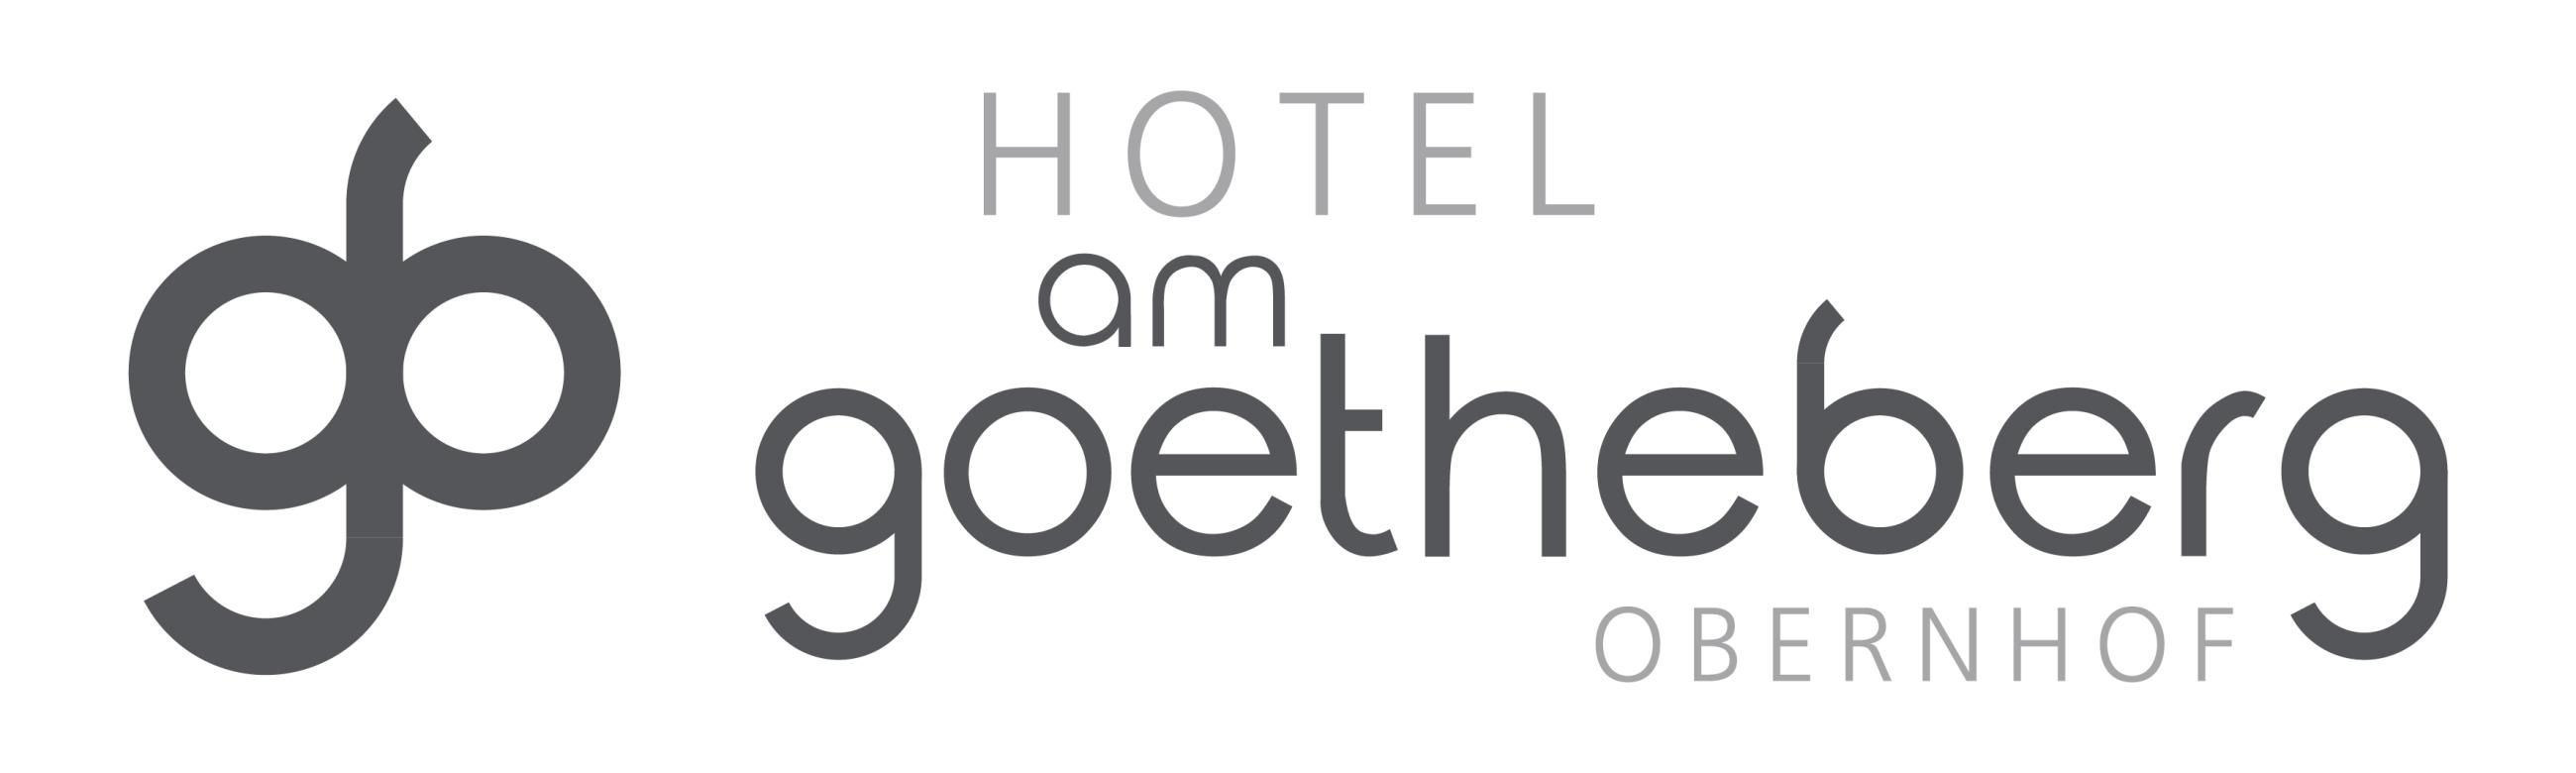 Hotel in Obernhof an der Lahn